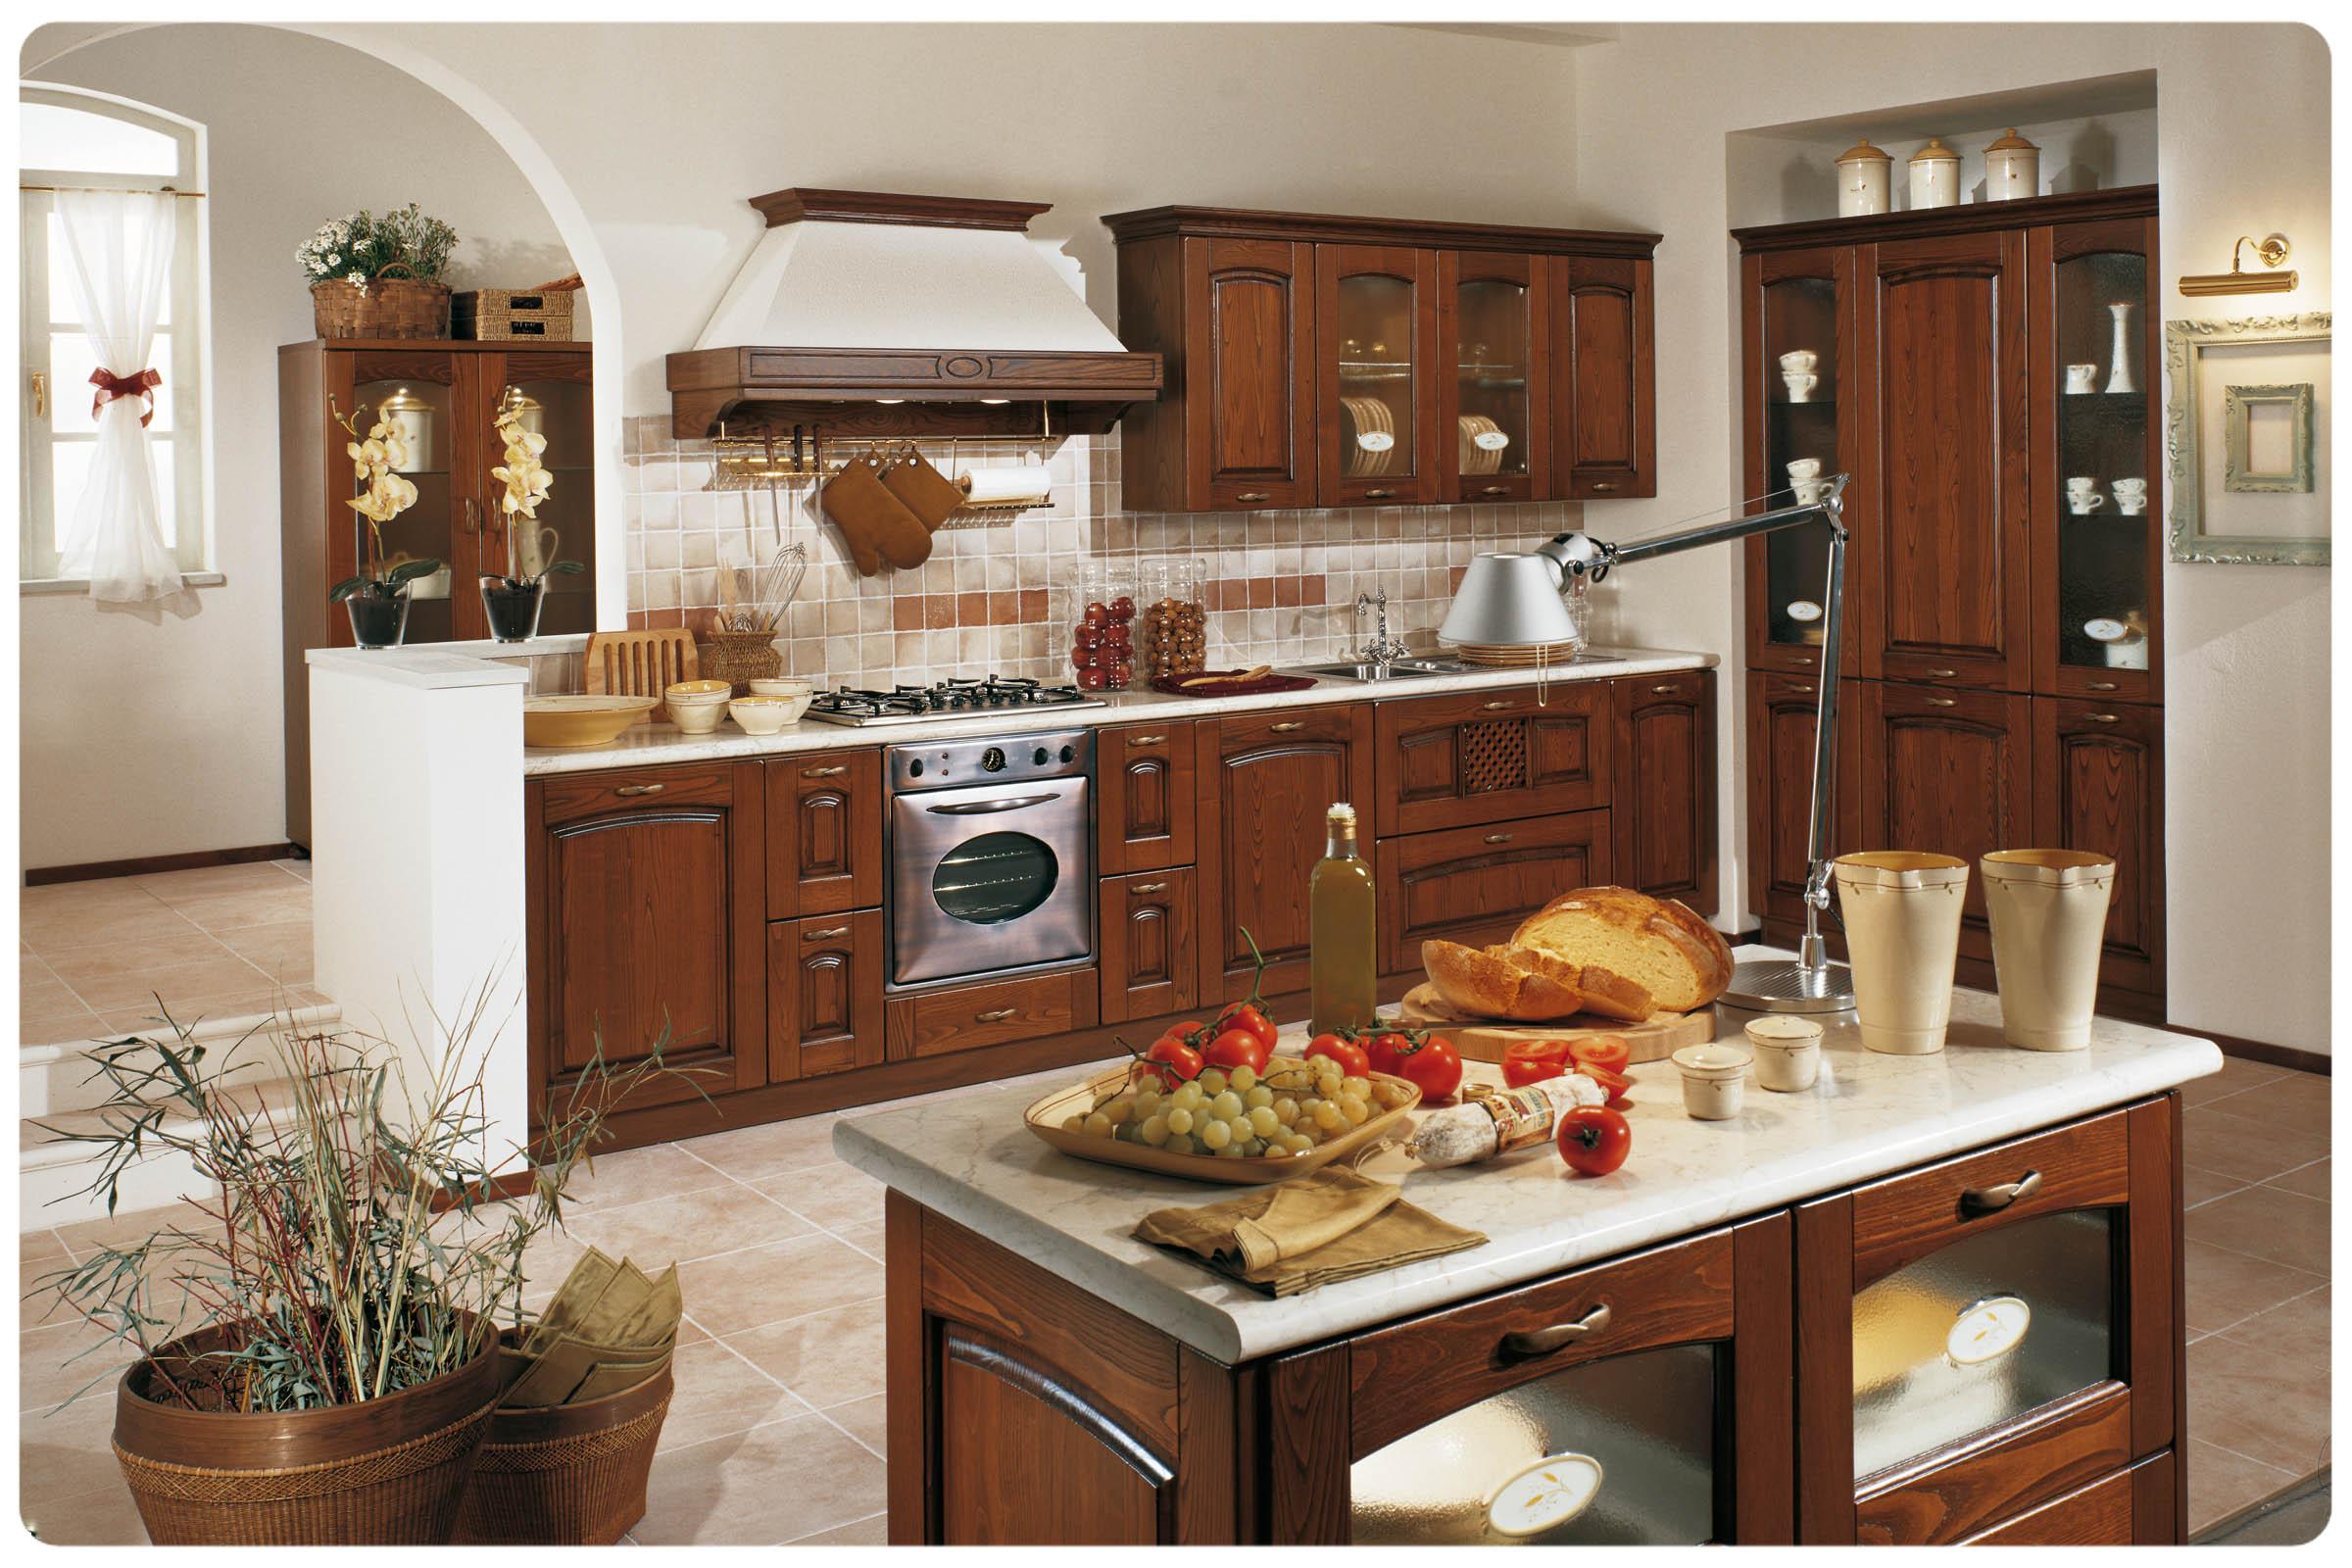 Cucine classiche componibili Stosa Focolare - Acquistabile in Milano e provin...